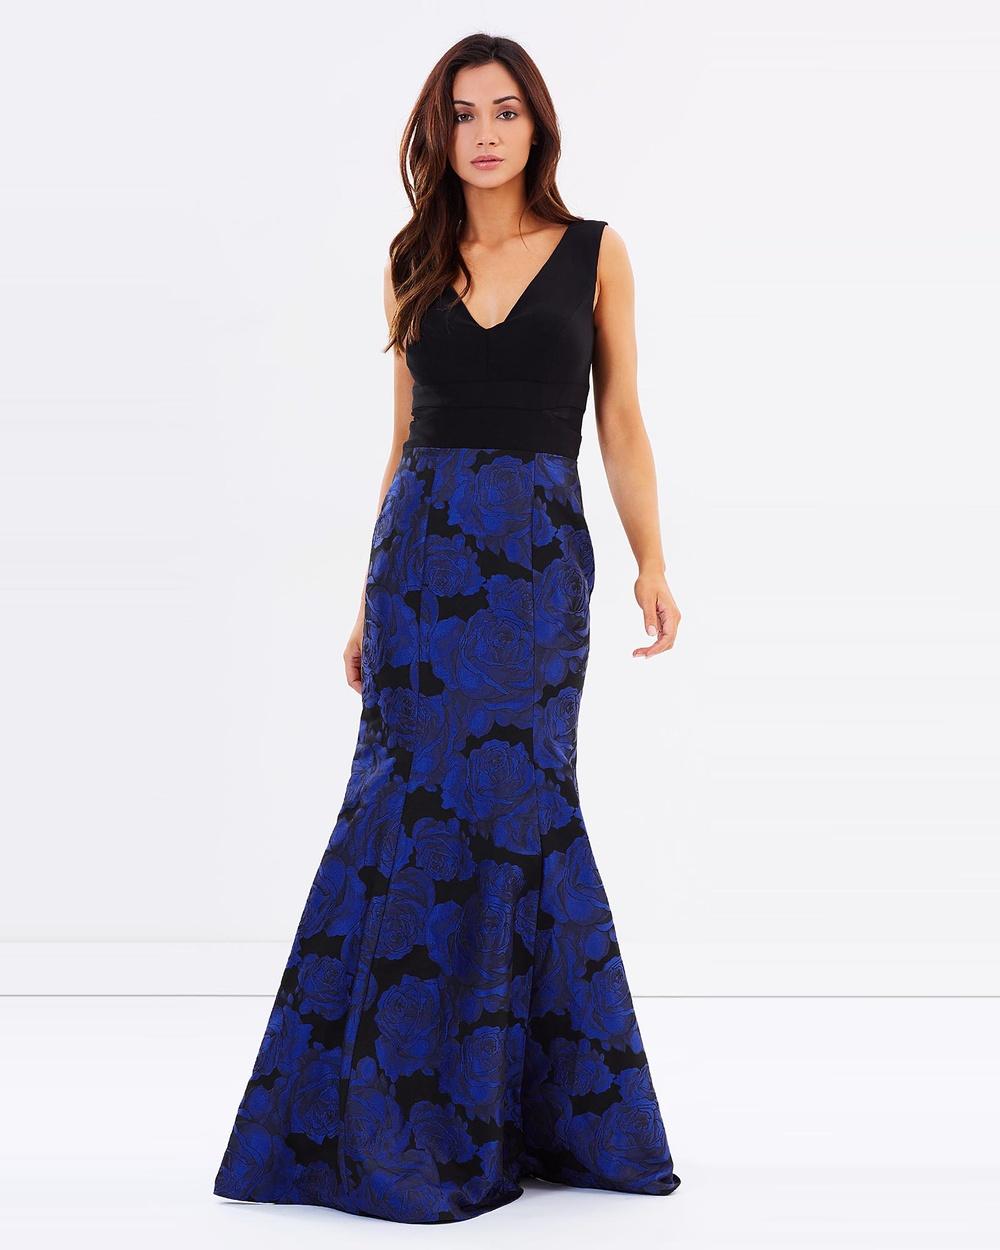 Montique Verushka Jacquard Gown Bridesmaid Dresses Cobalt Verushka Jacquard Gown